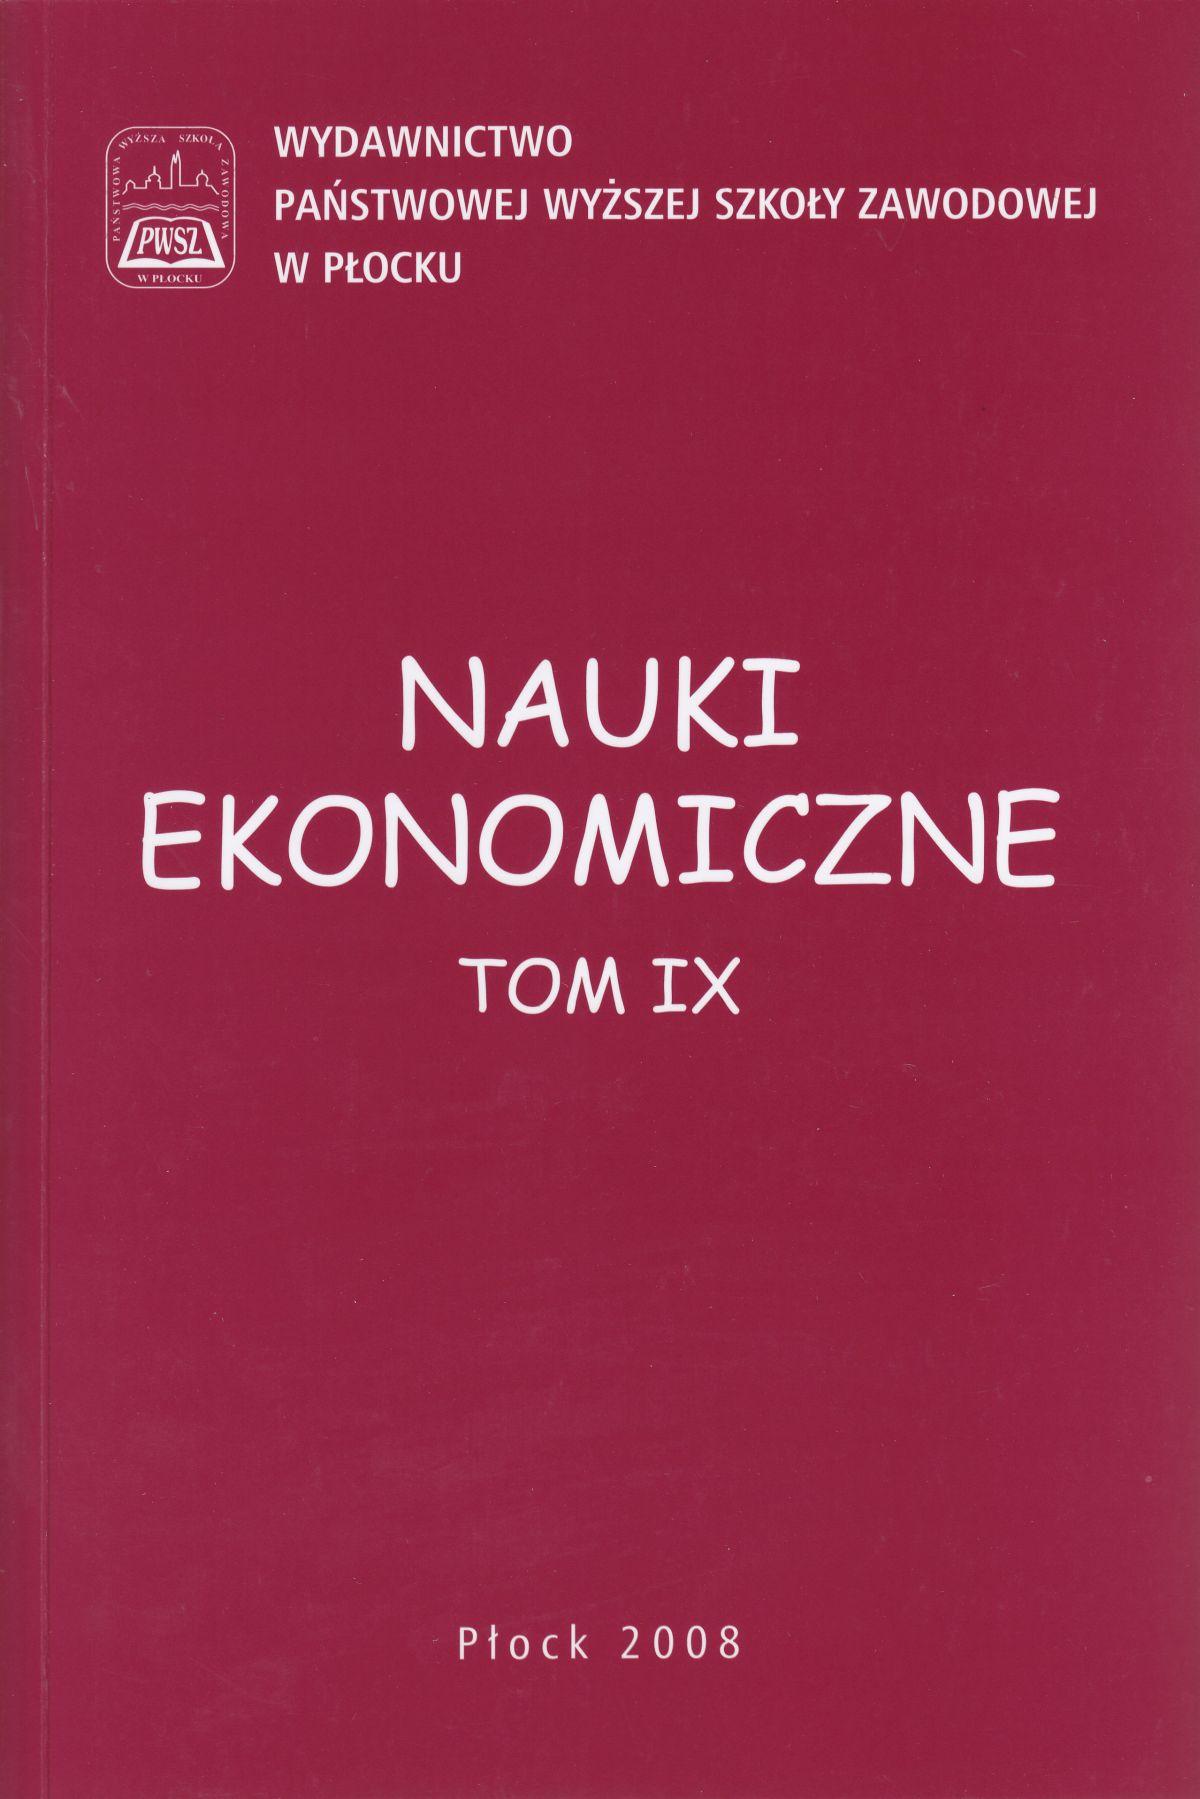 Wyświetl TOM IX